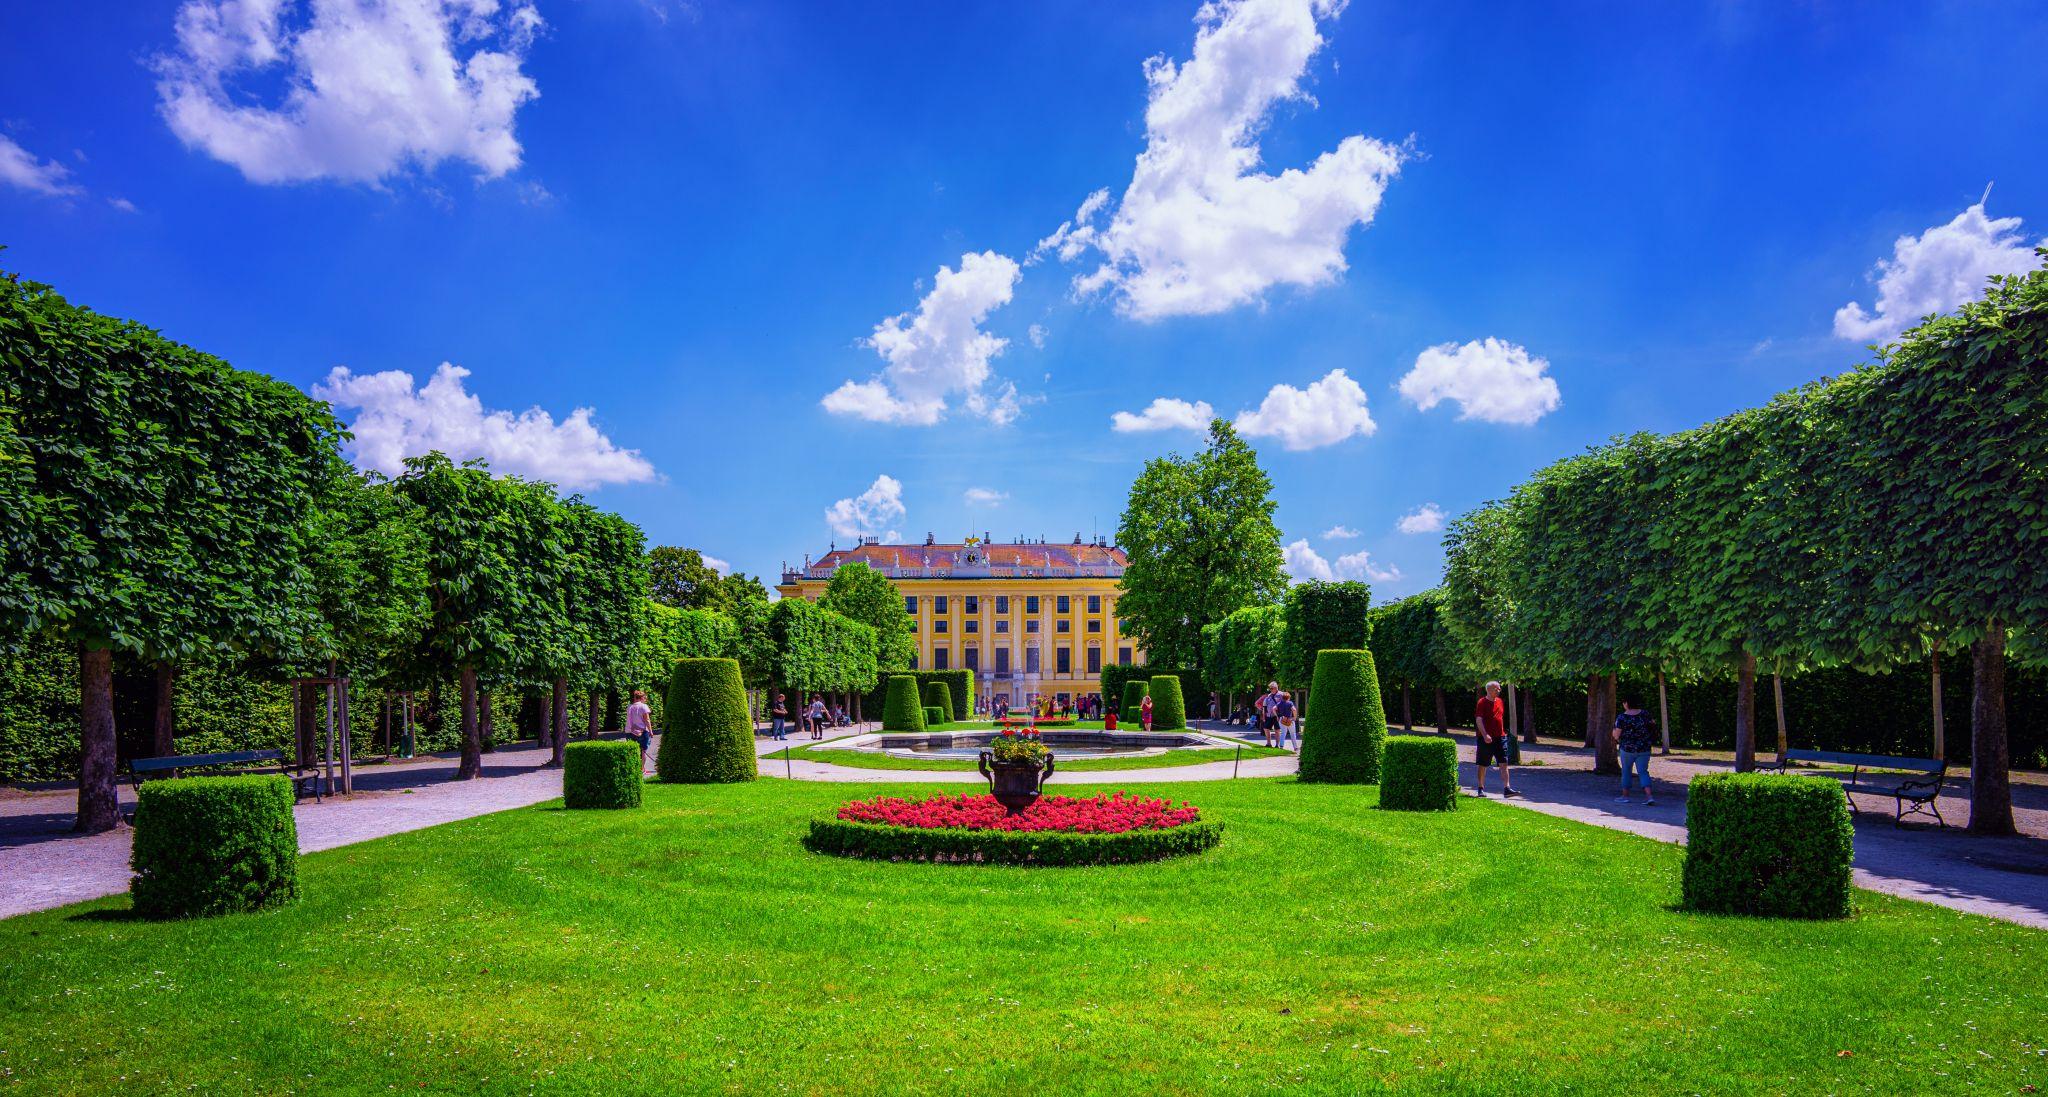 Schloss Schoenbrunn, Austria